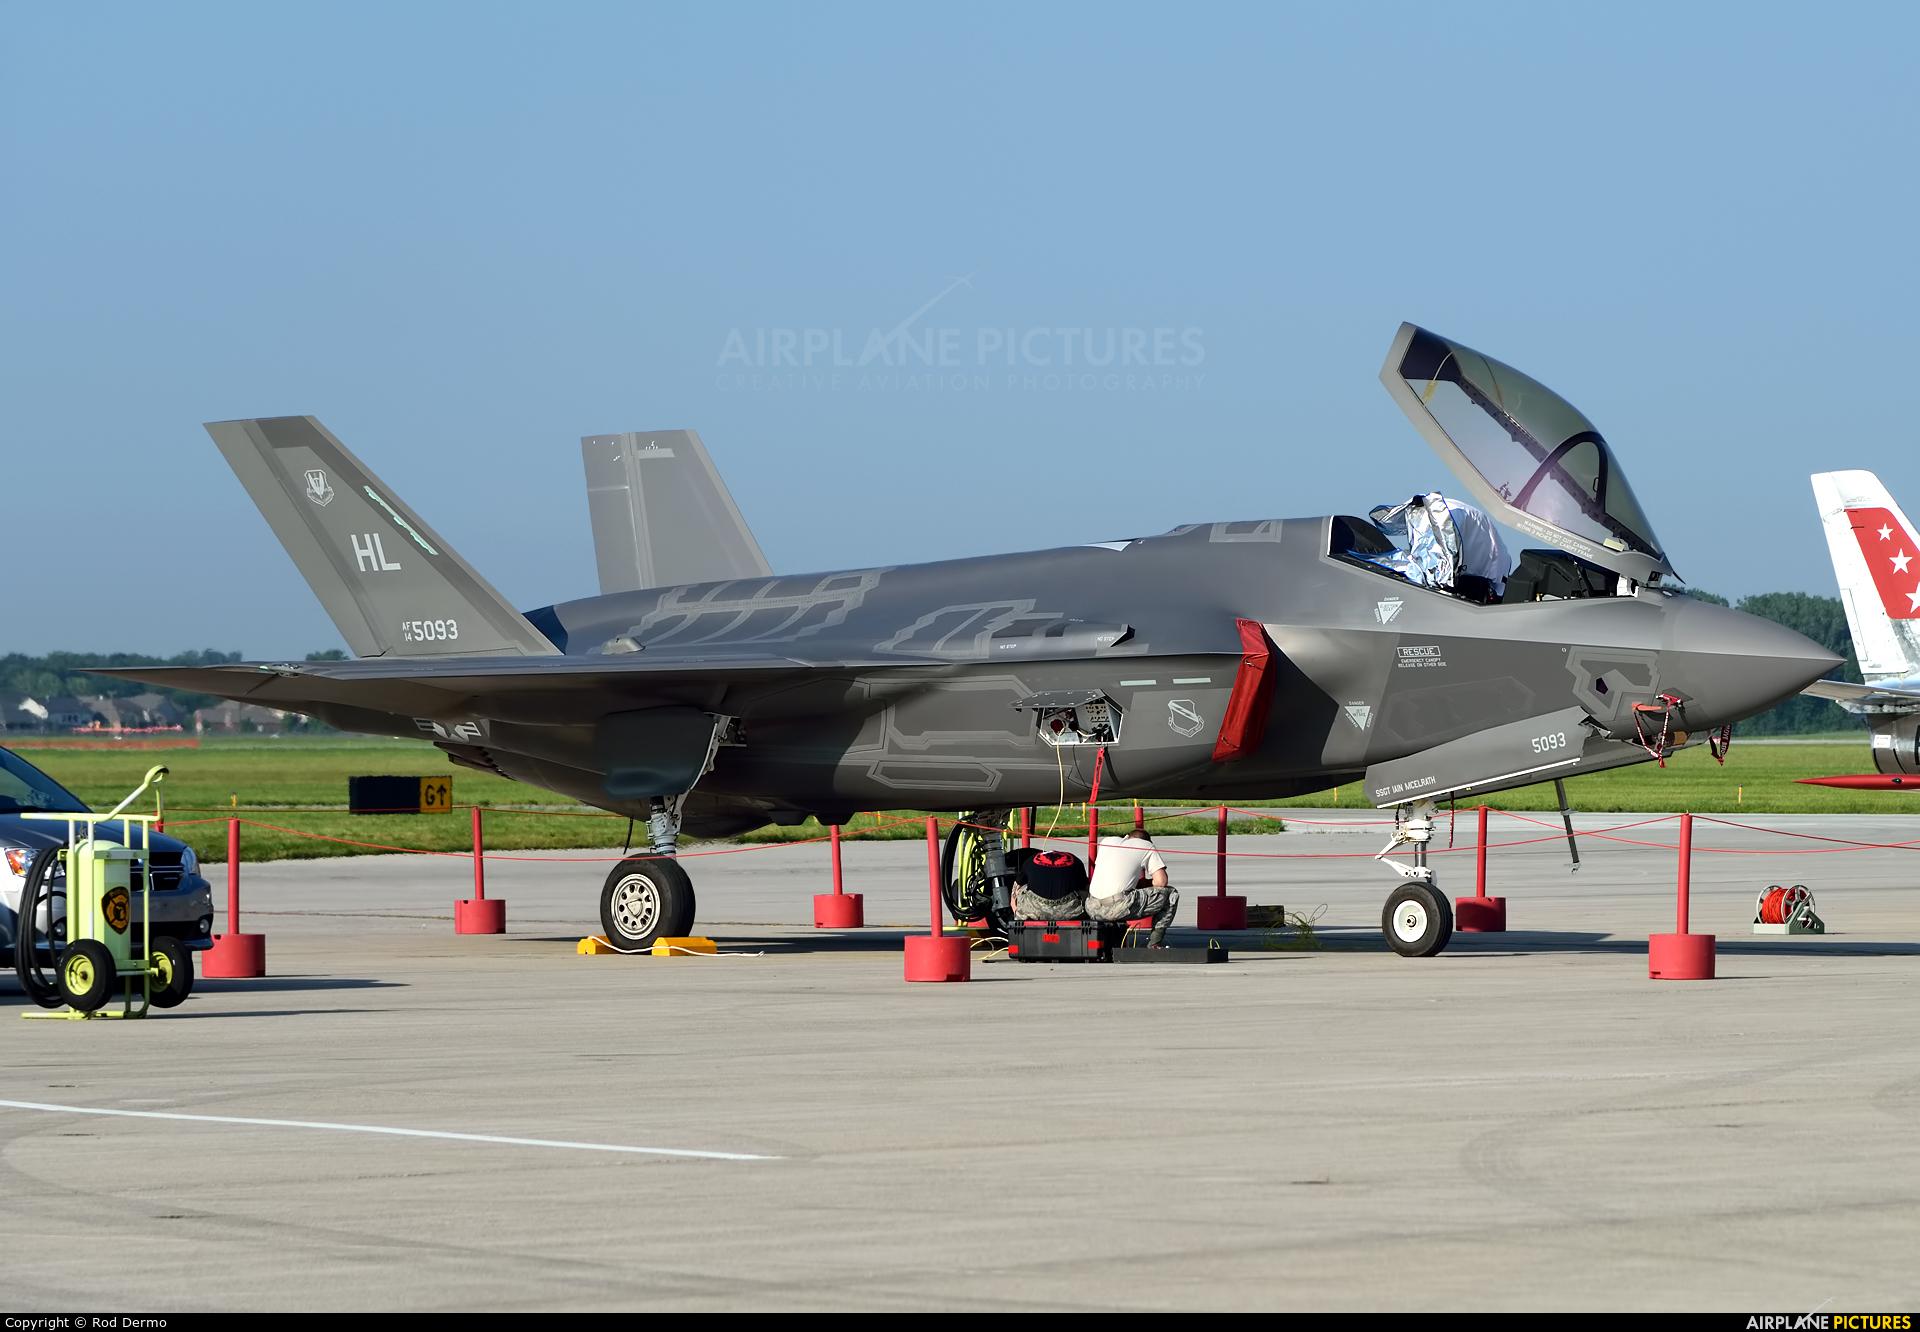 USA - Air Force 14-5093 aircraft at Selfridge ANGB